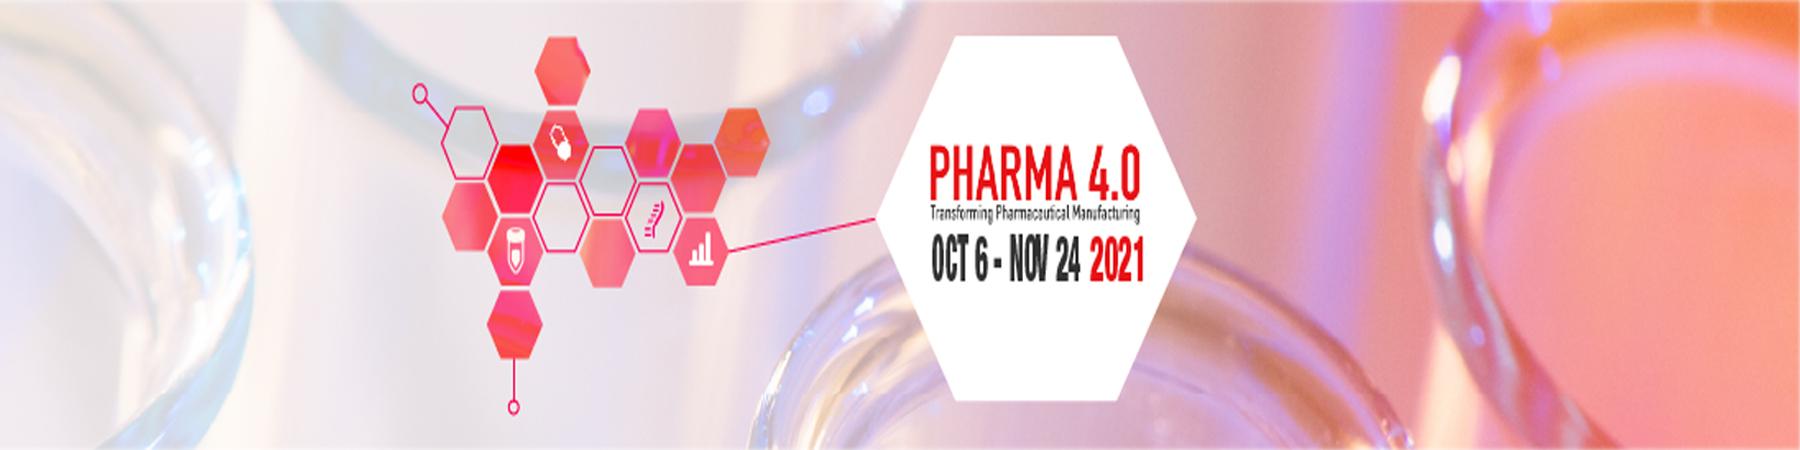 Slide-pharma-4